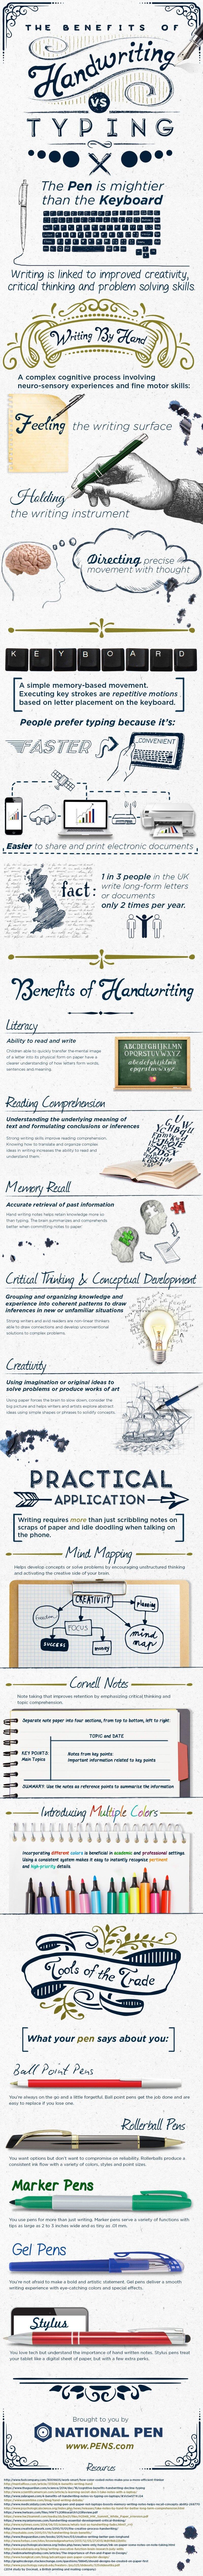 Written vs Typed journal?